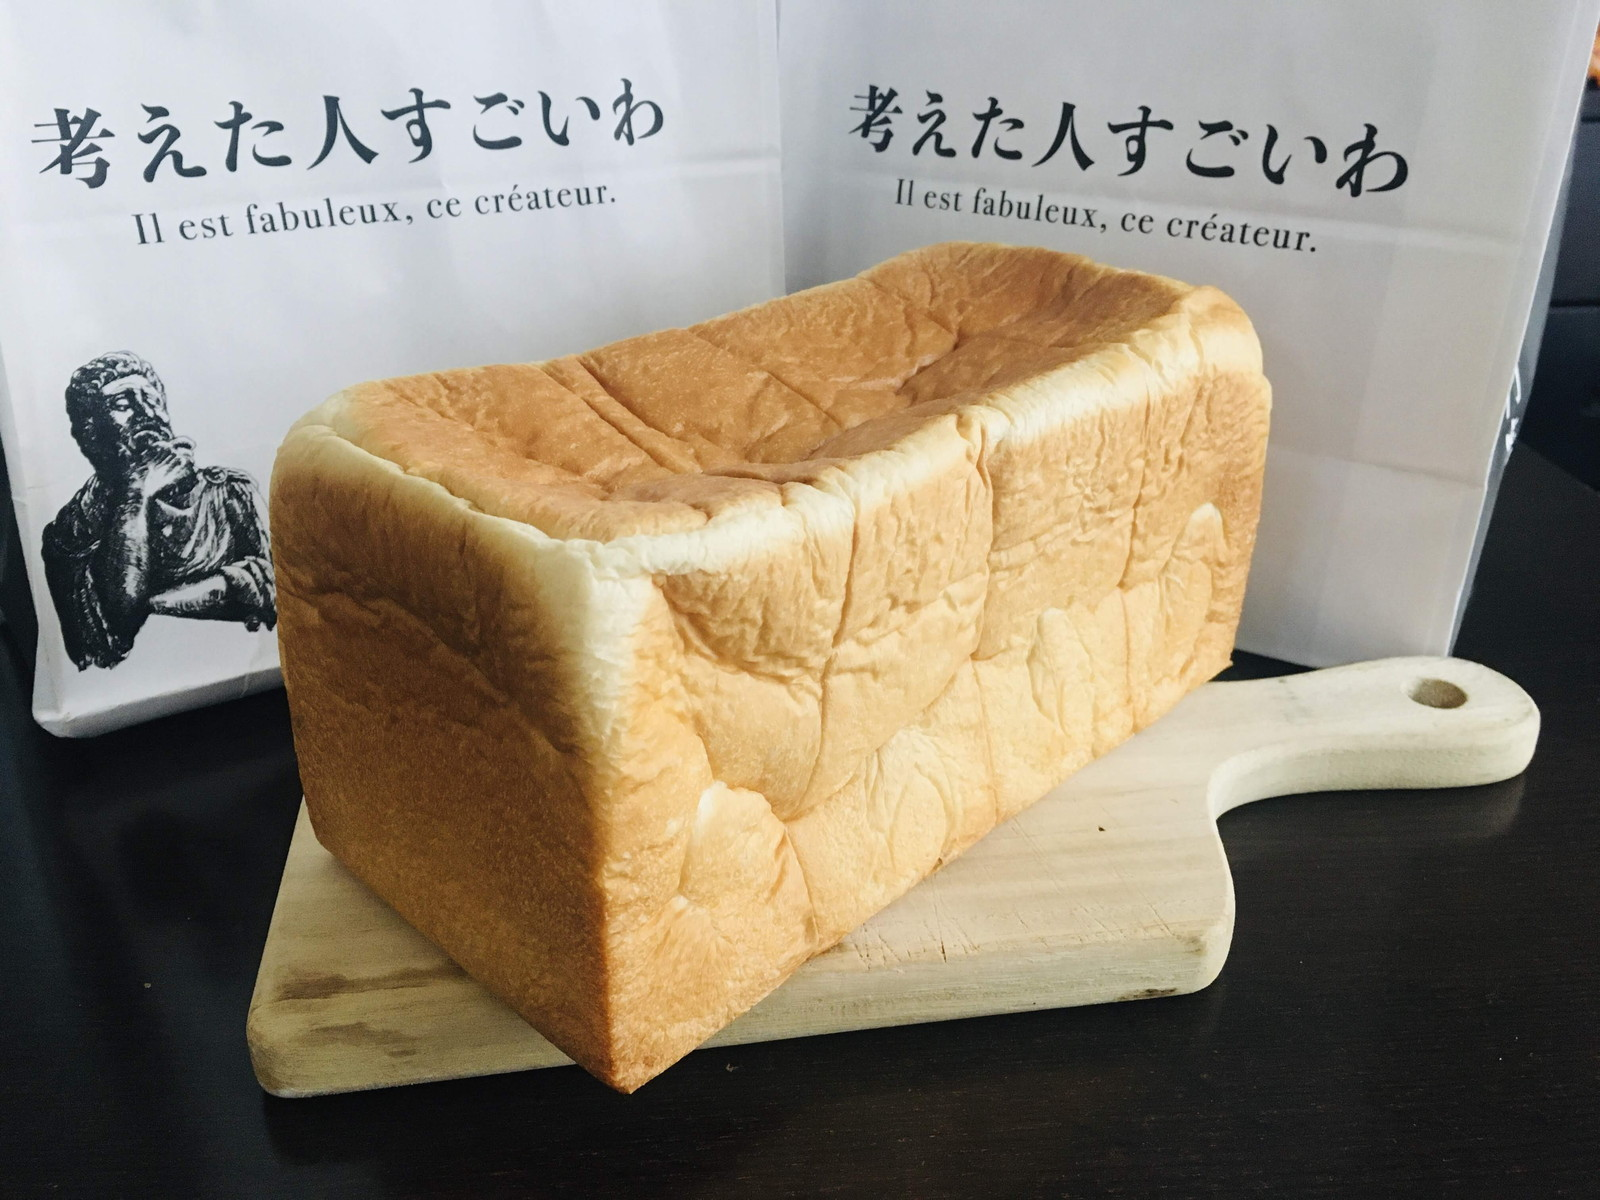 オーラ 食パン まばゆい